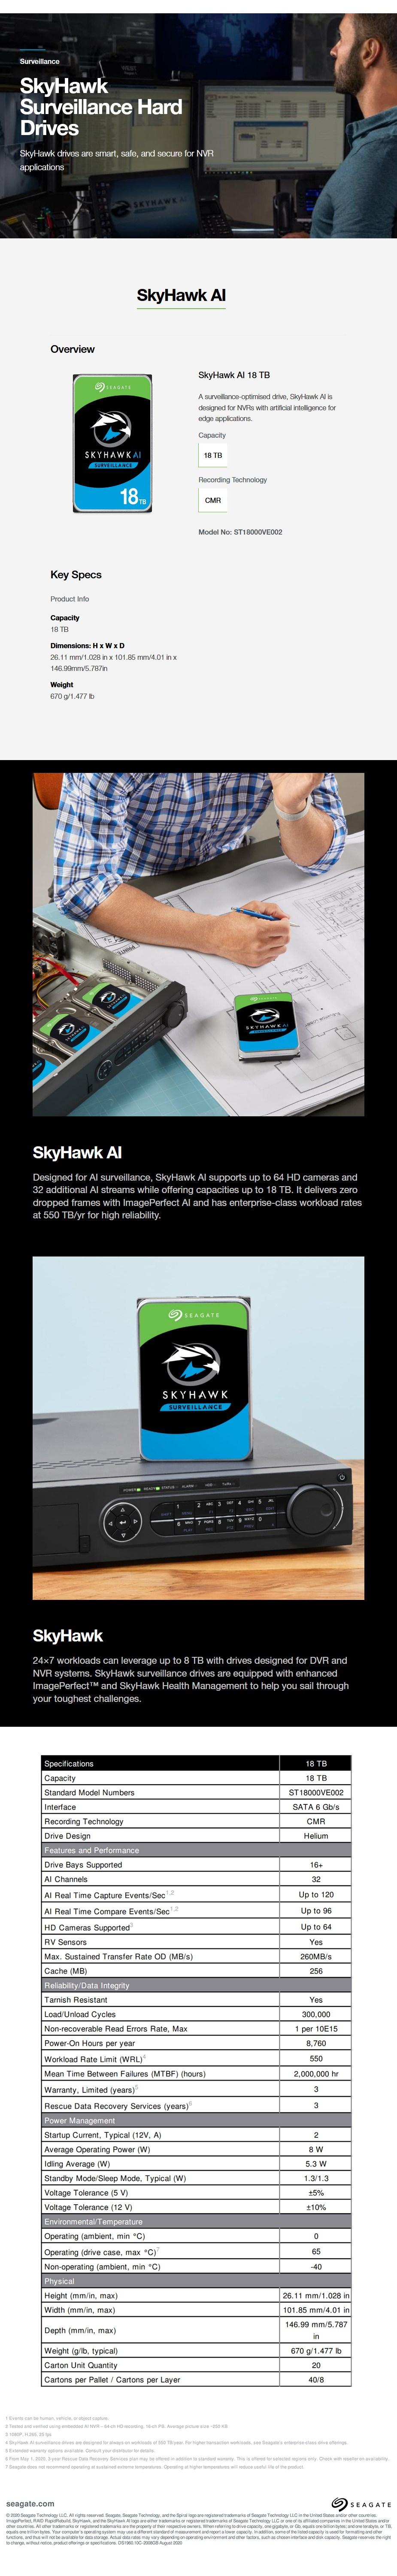 seagate-st18000ve002-18tb-skyhawk-ai-35-sata3-surveillance-hard-drive-ac41989-1.jpg